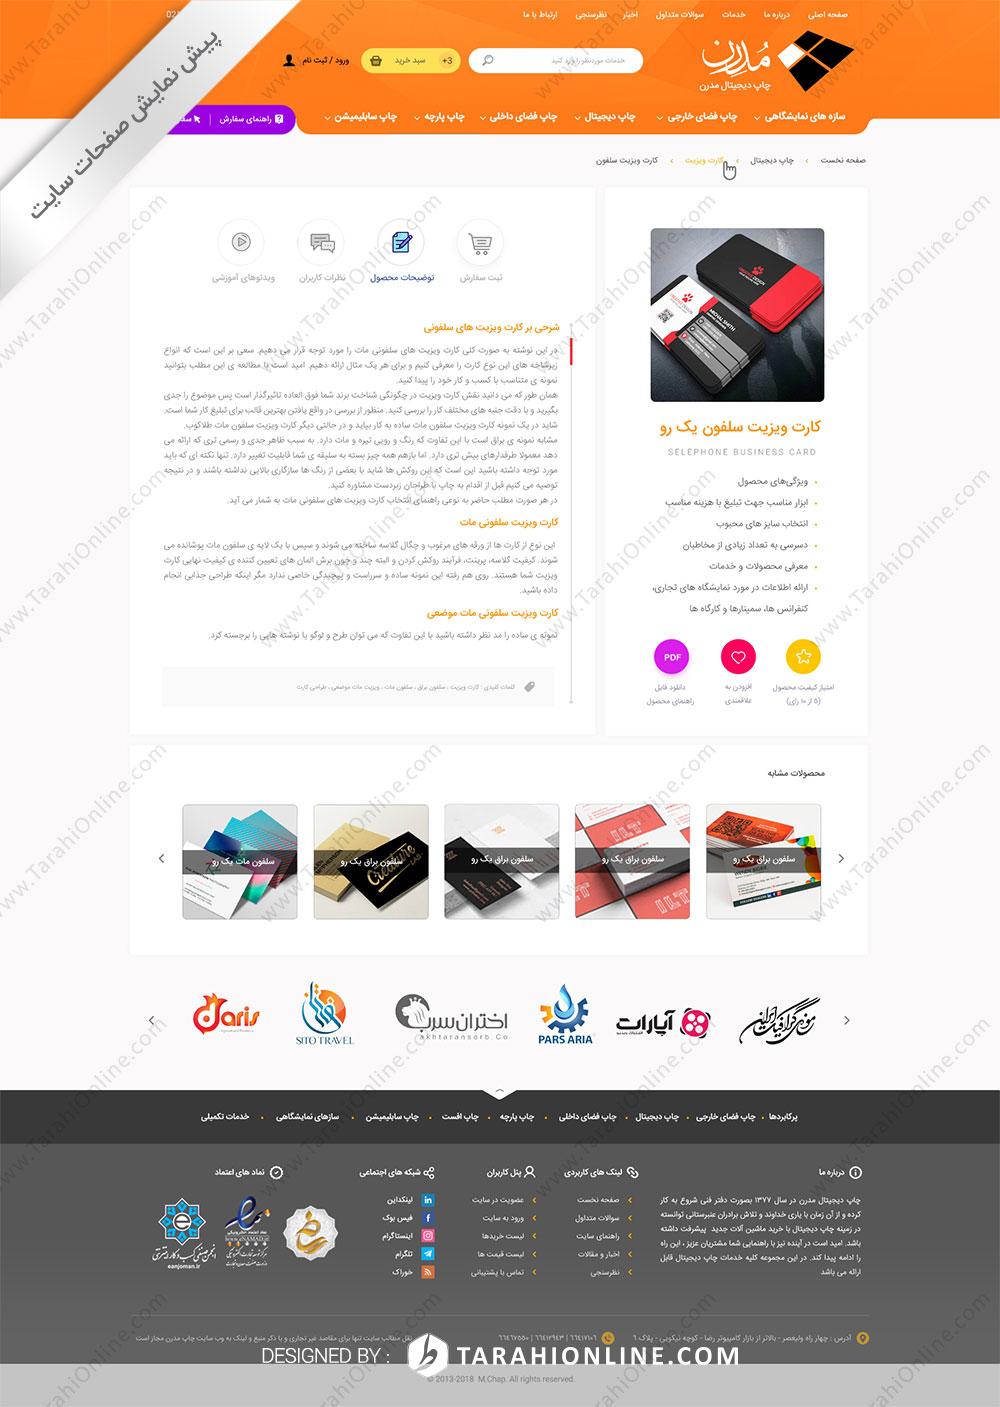 بازطراحی قالب سایت چاپ دیجیتال مدرن - درباره محصول